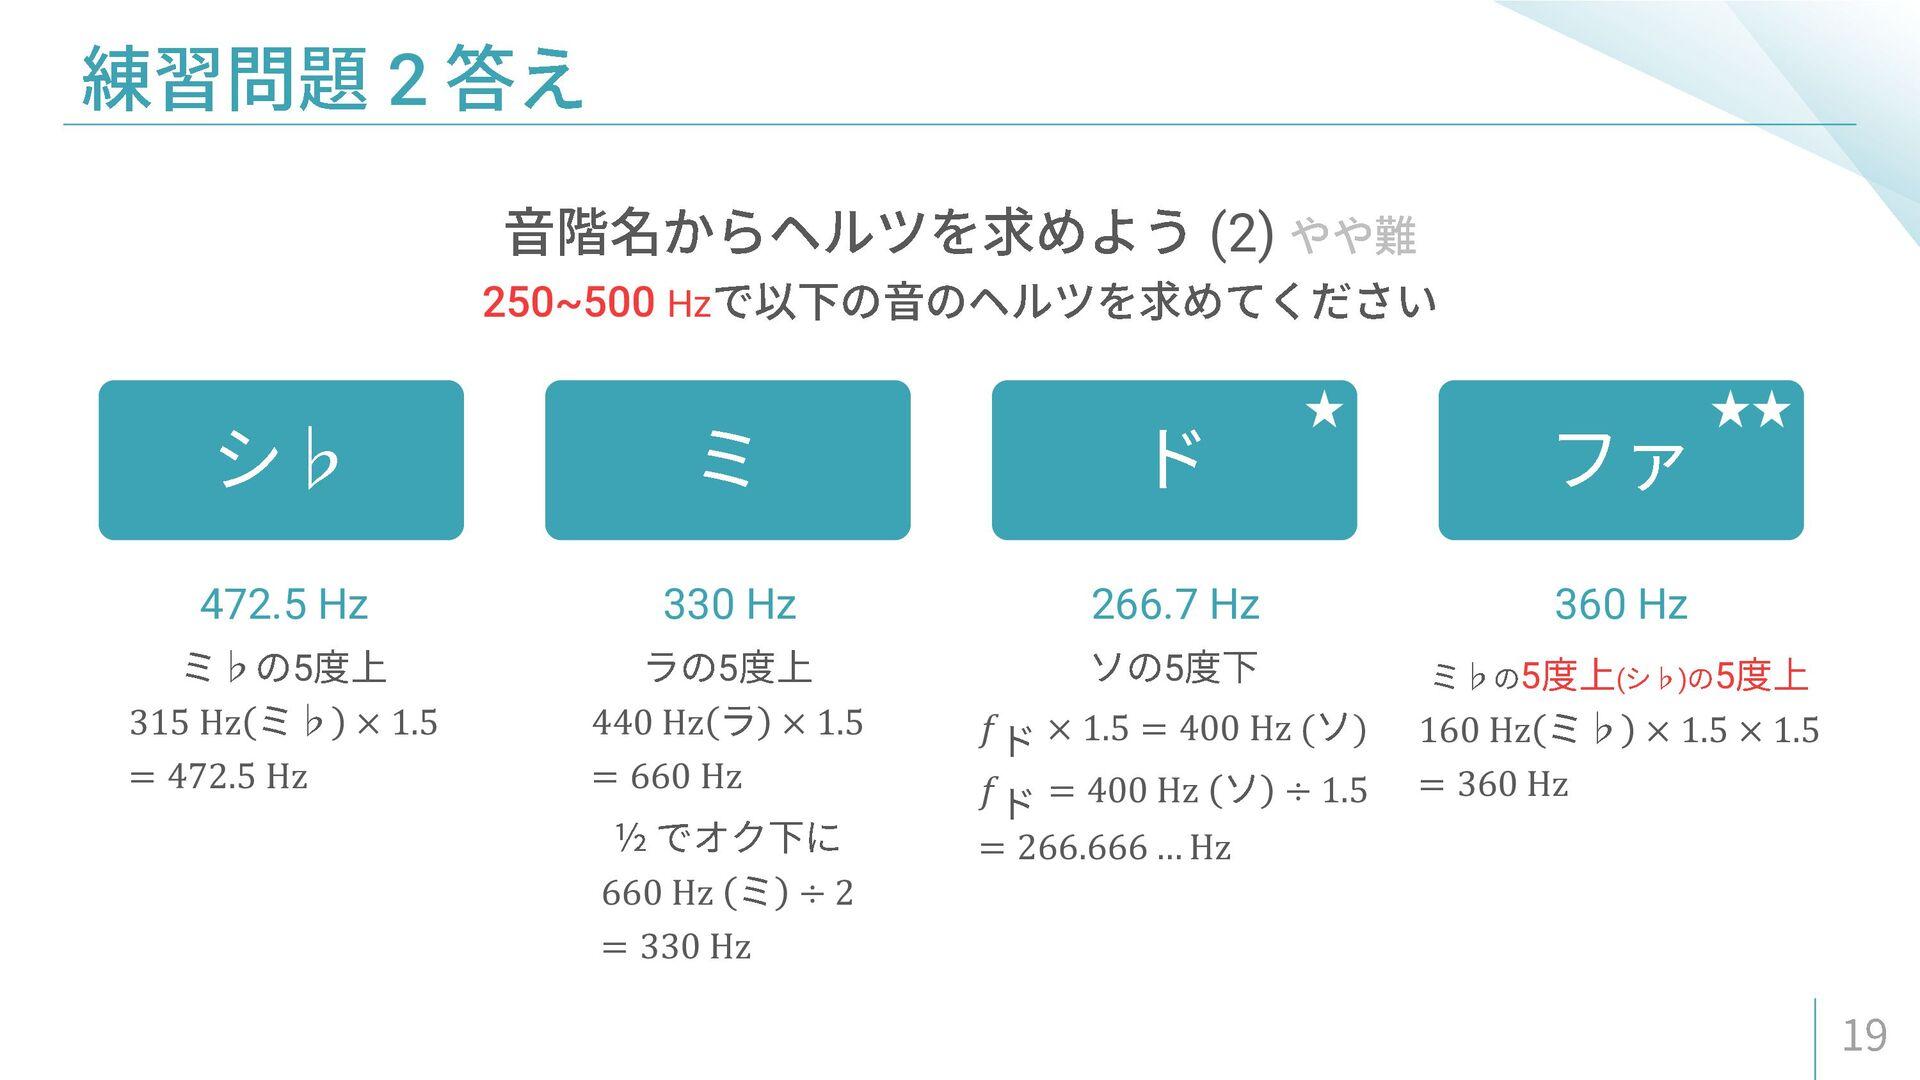 315 Hz × 1.5 = 472.5 Hz 440 Hz × 1.5 = 660 Hz 6...